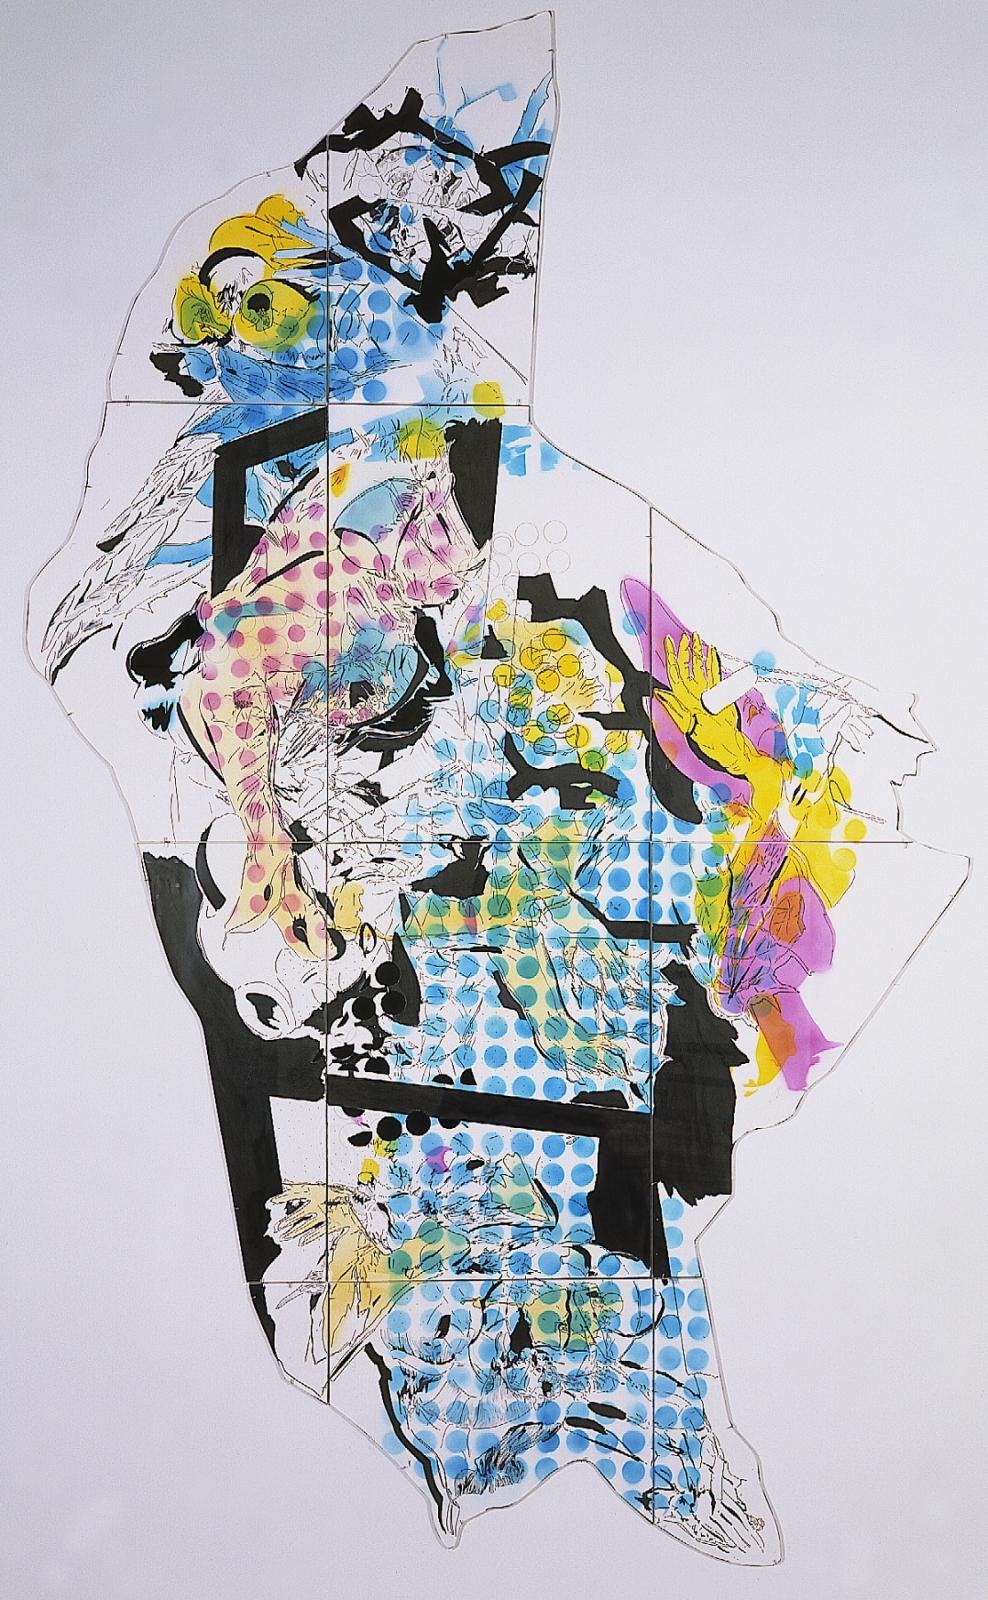 BONNIE COLLURA, Decomposer, 2000